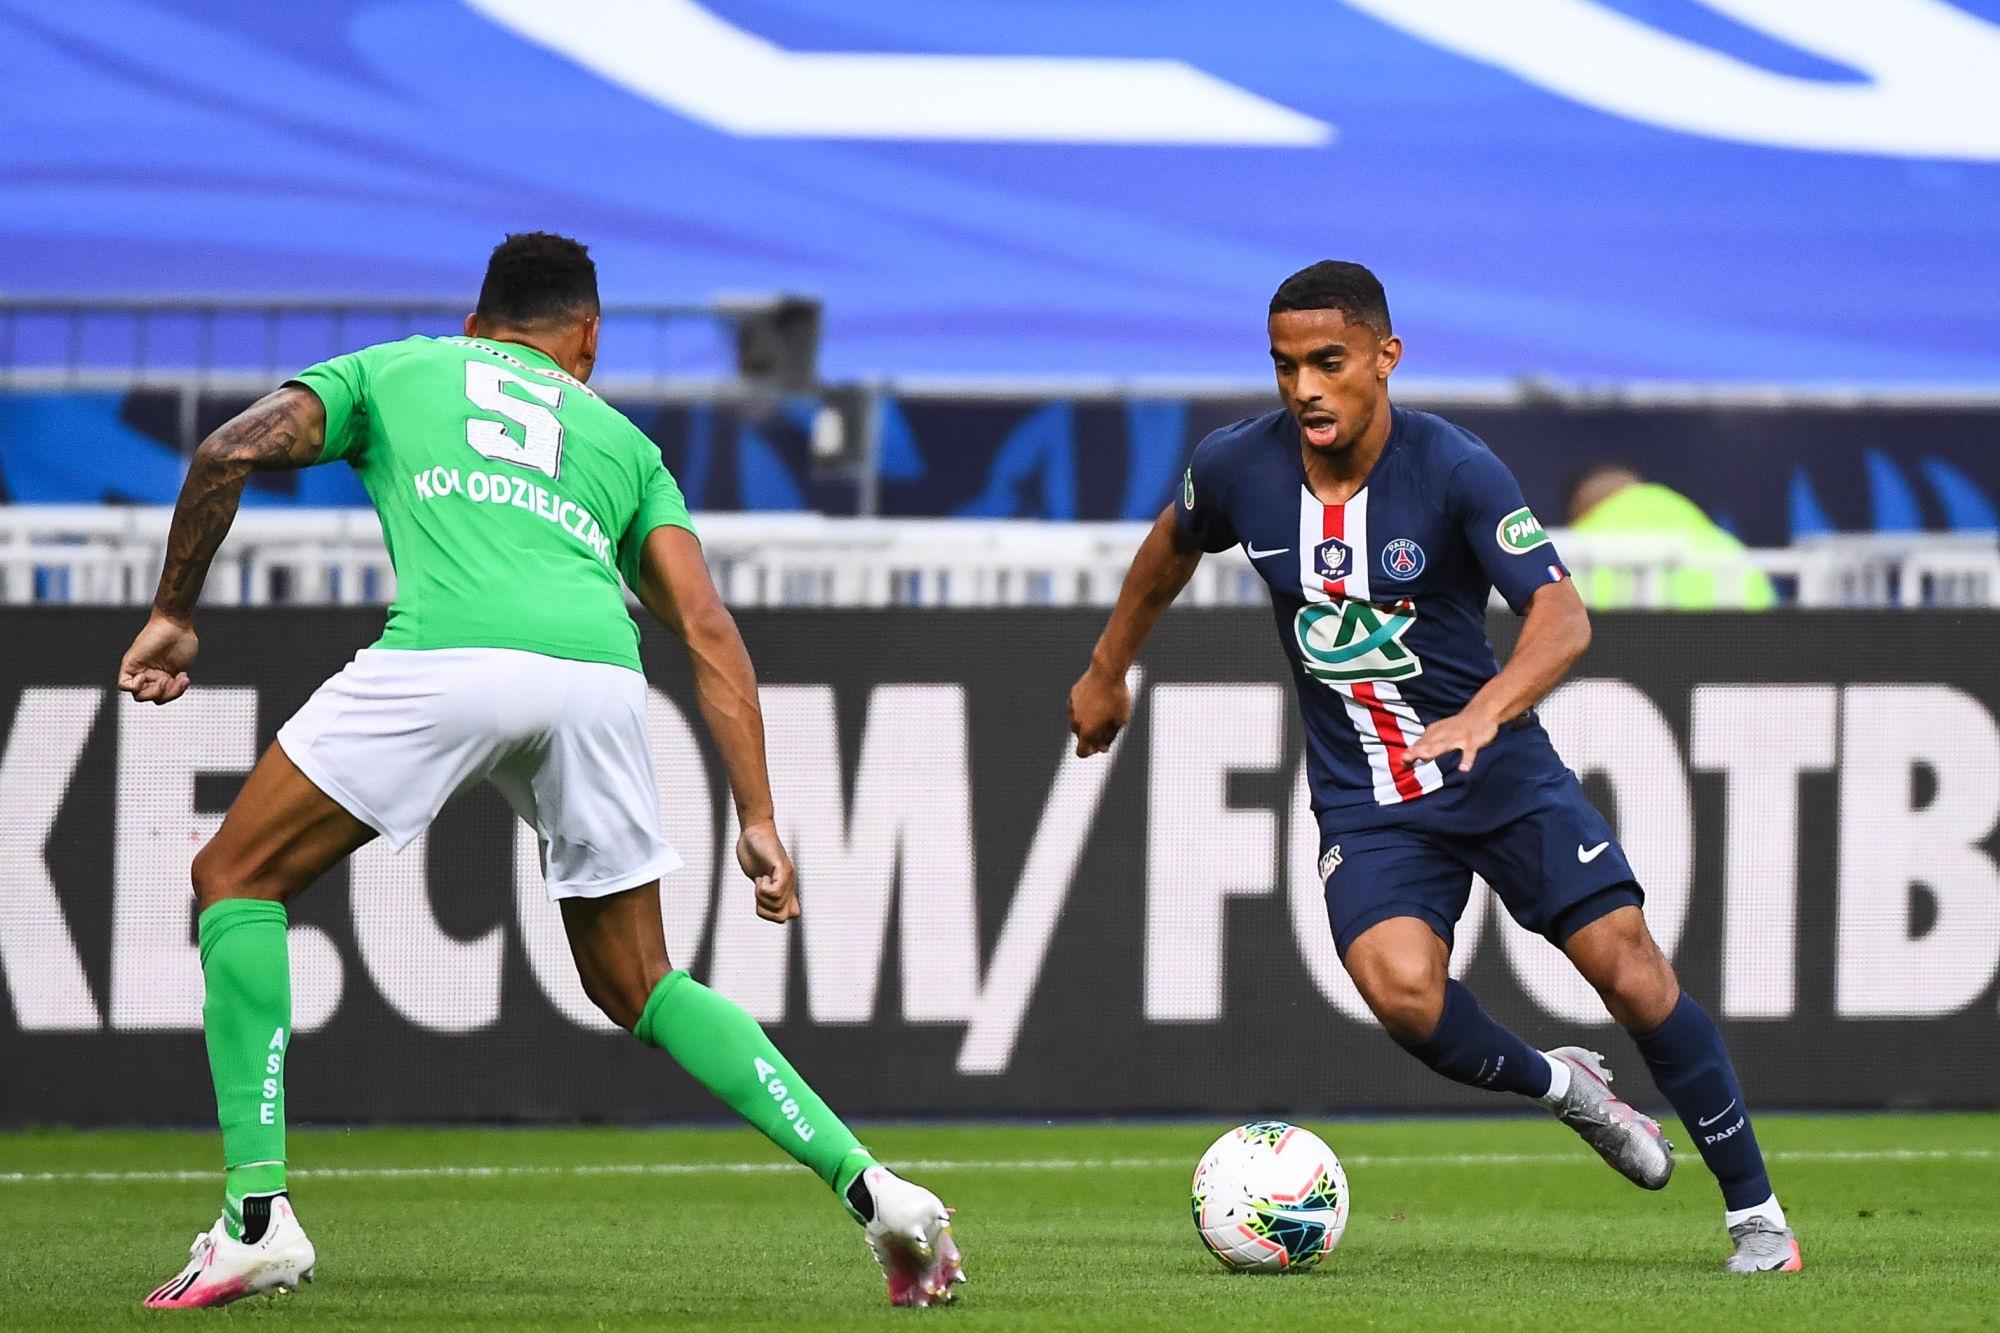 """PSG/Saint-Etienne - Dagba revient sur la victoire et assure """"On veut monter en puissance"""""""